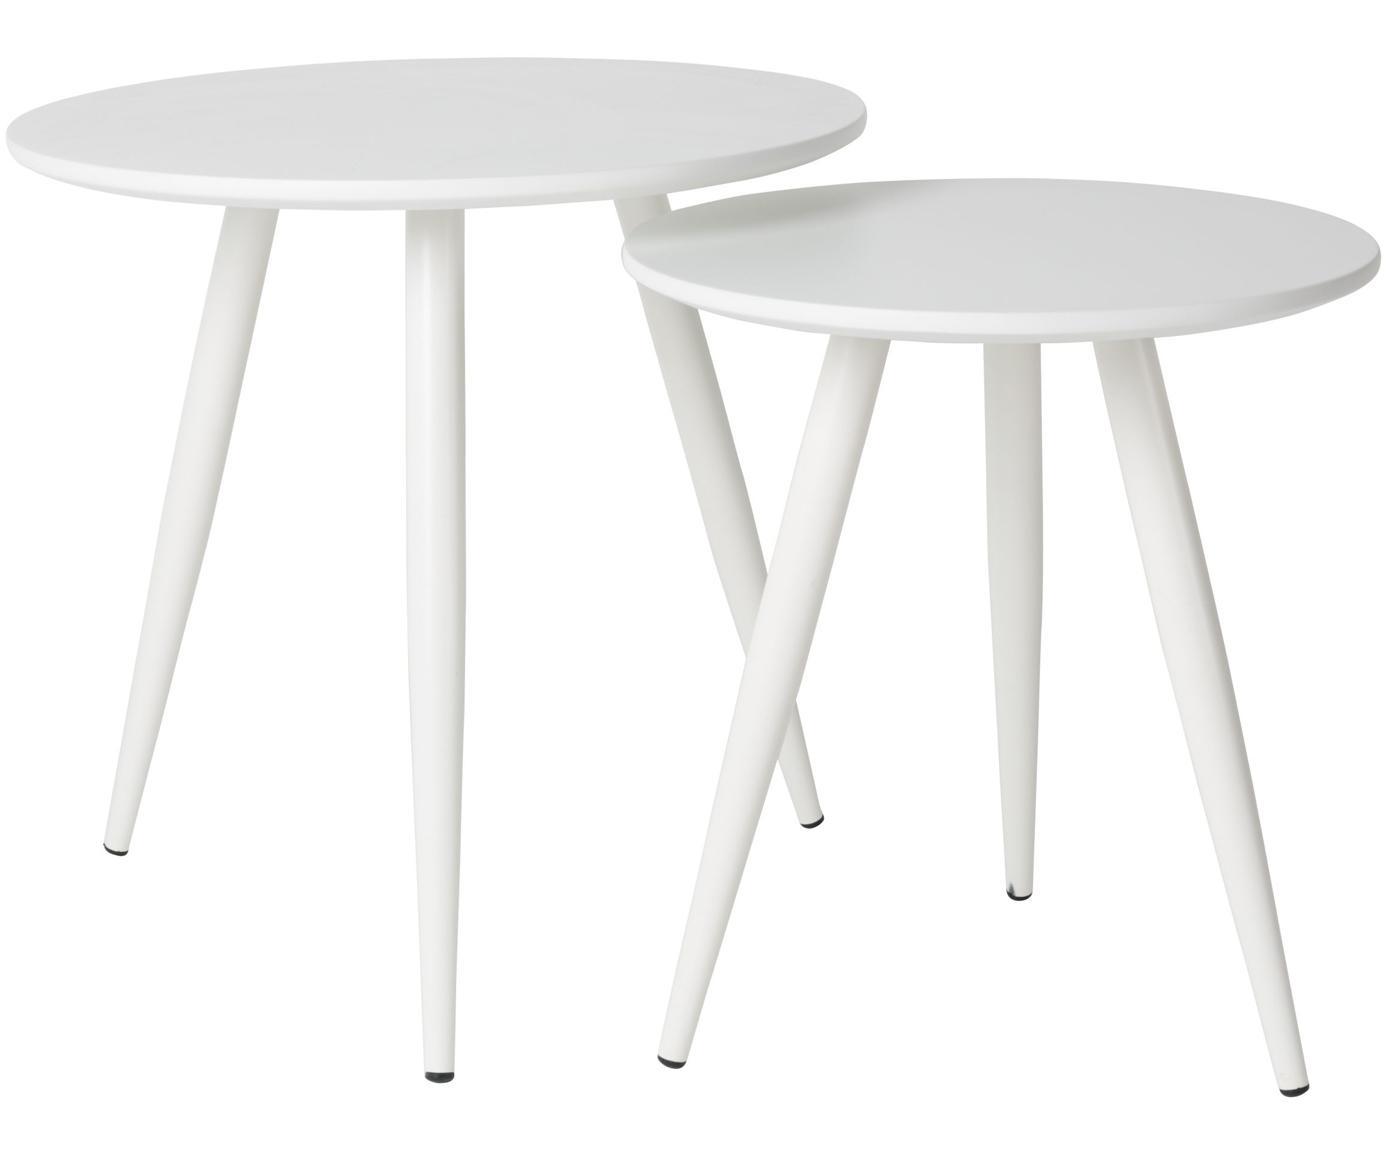 Komplet stolików pomocniczych Daven, 2 elem., Blat: płyta pilśniowa średniej , Nogi: metal malowany proszkowo, Biały, Różne rozmiary